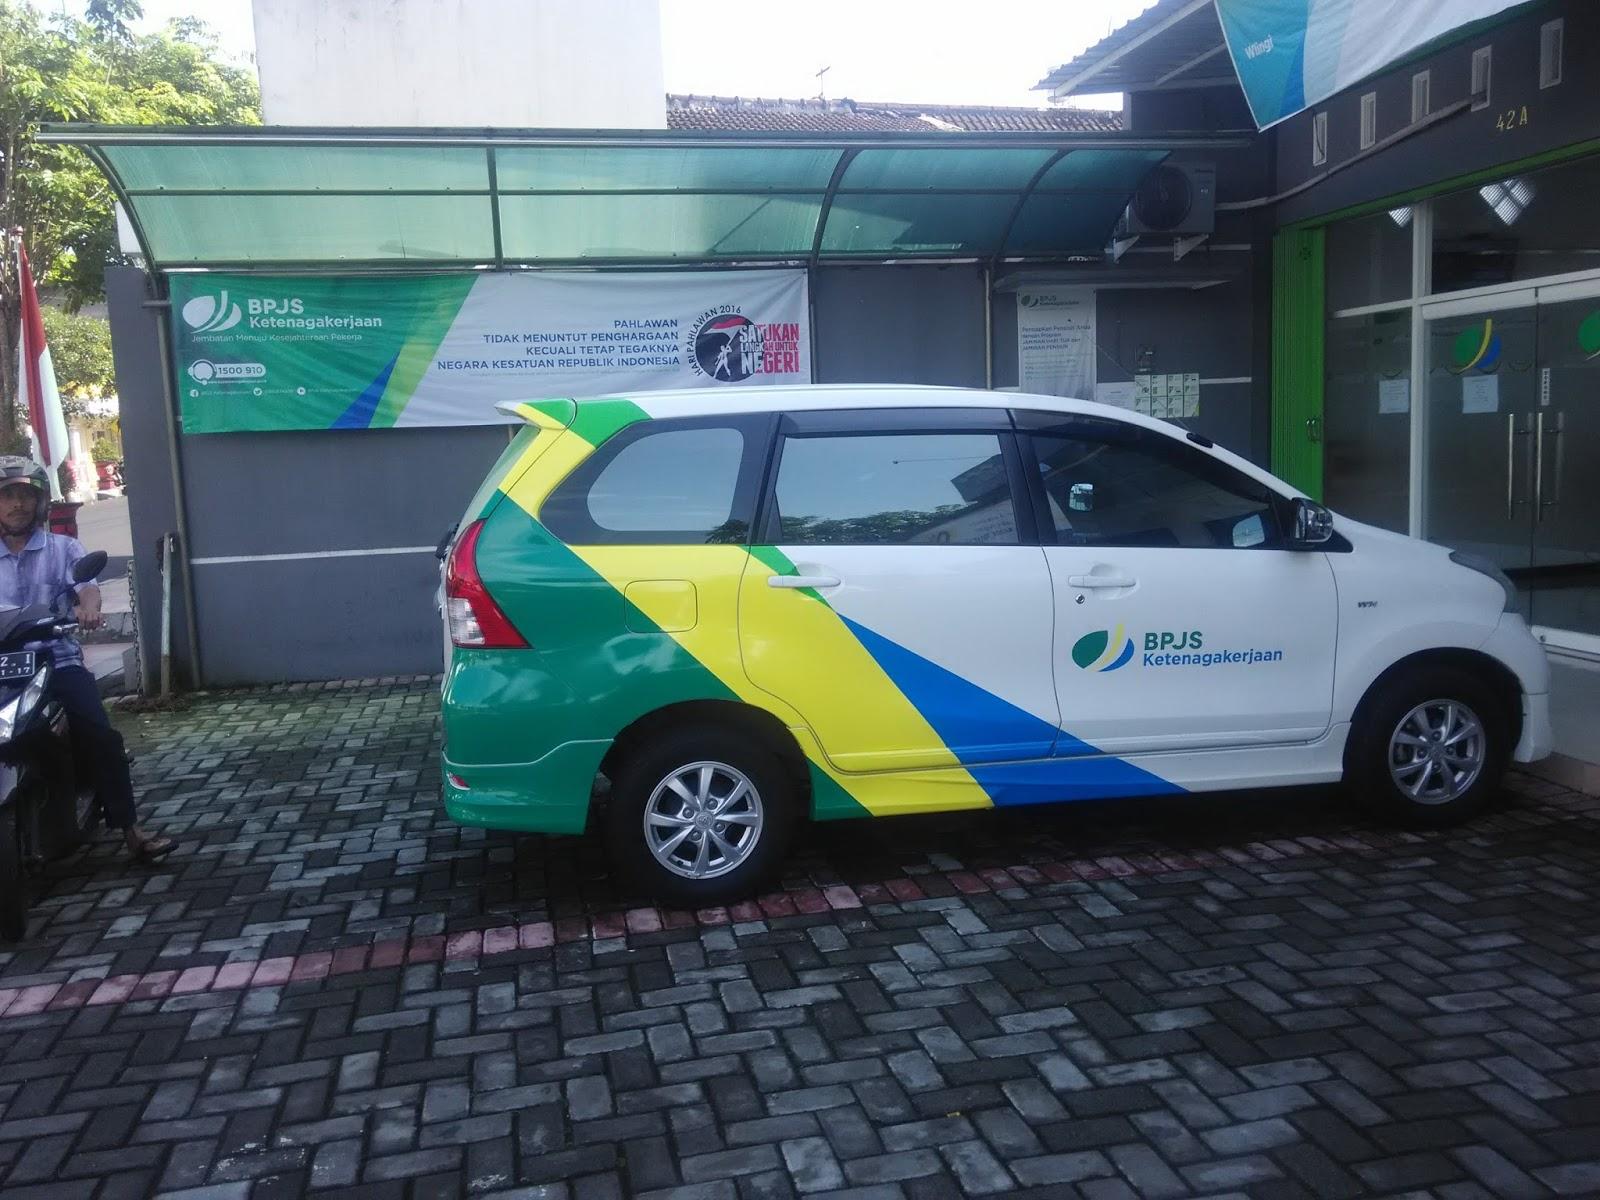 Alamat Kantor Wilayah Dan Kantor Cabang Bpjs Ketenagakerjaan Di Seluruh Indonesia Jangan Nganggur